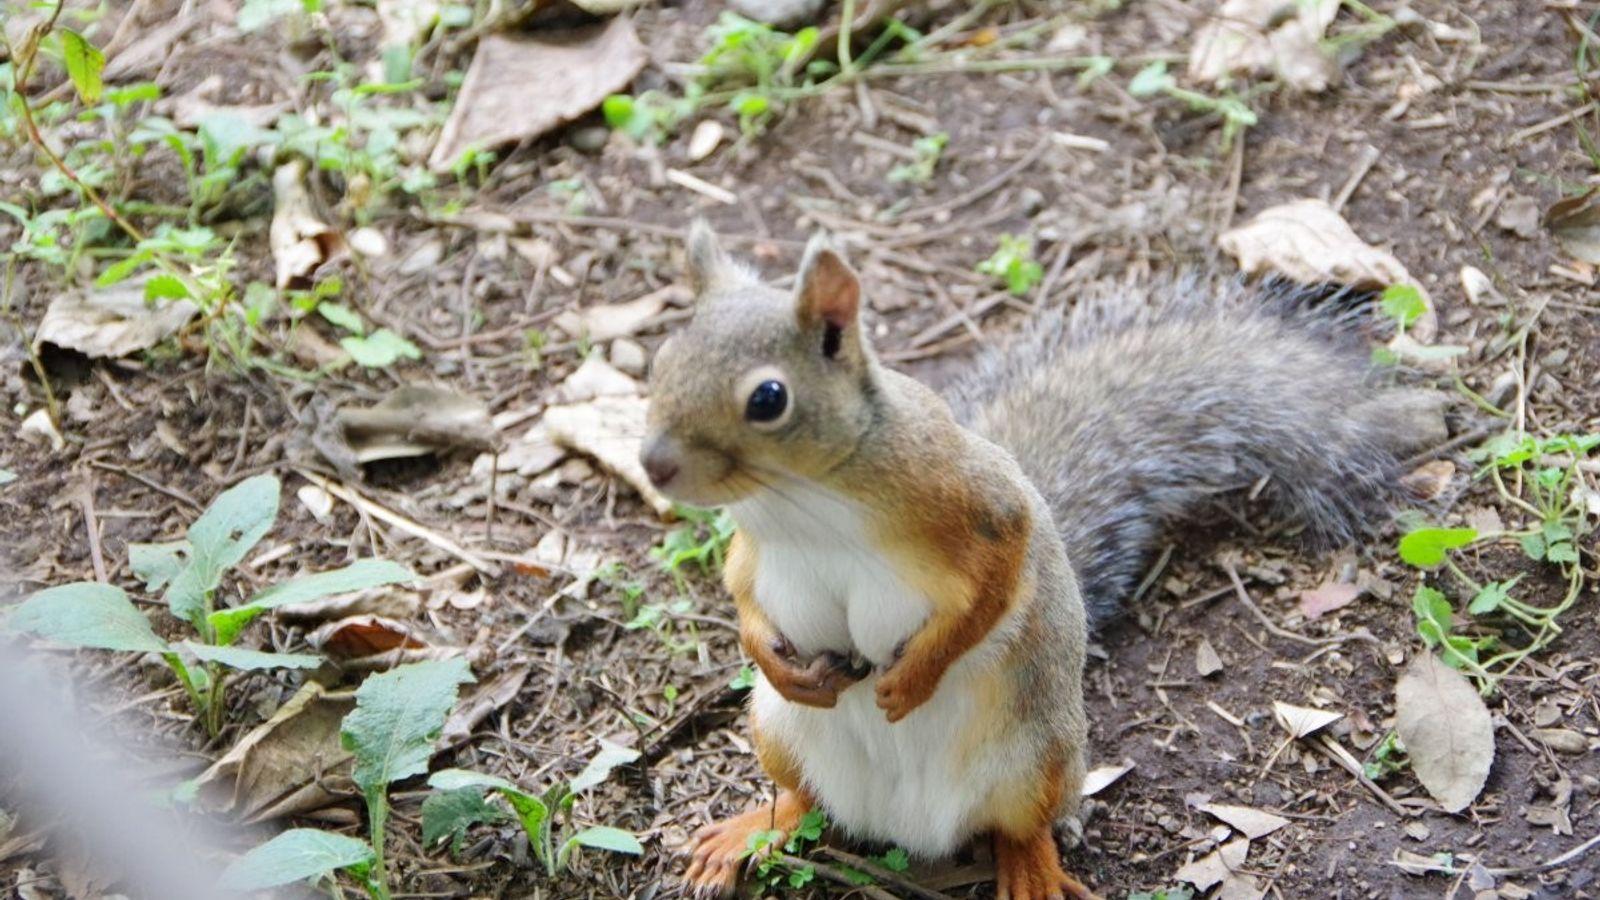 A foto deste esquilo, registrada no Japão e postada no Twitter, movimentou as redes sociais.